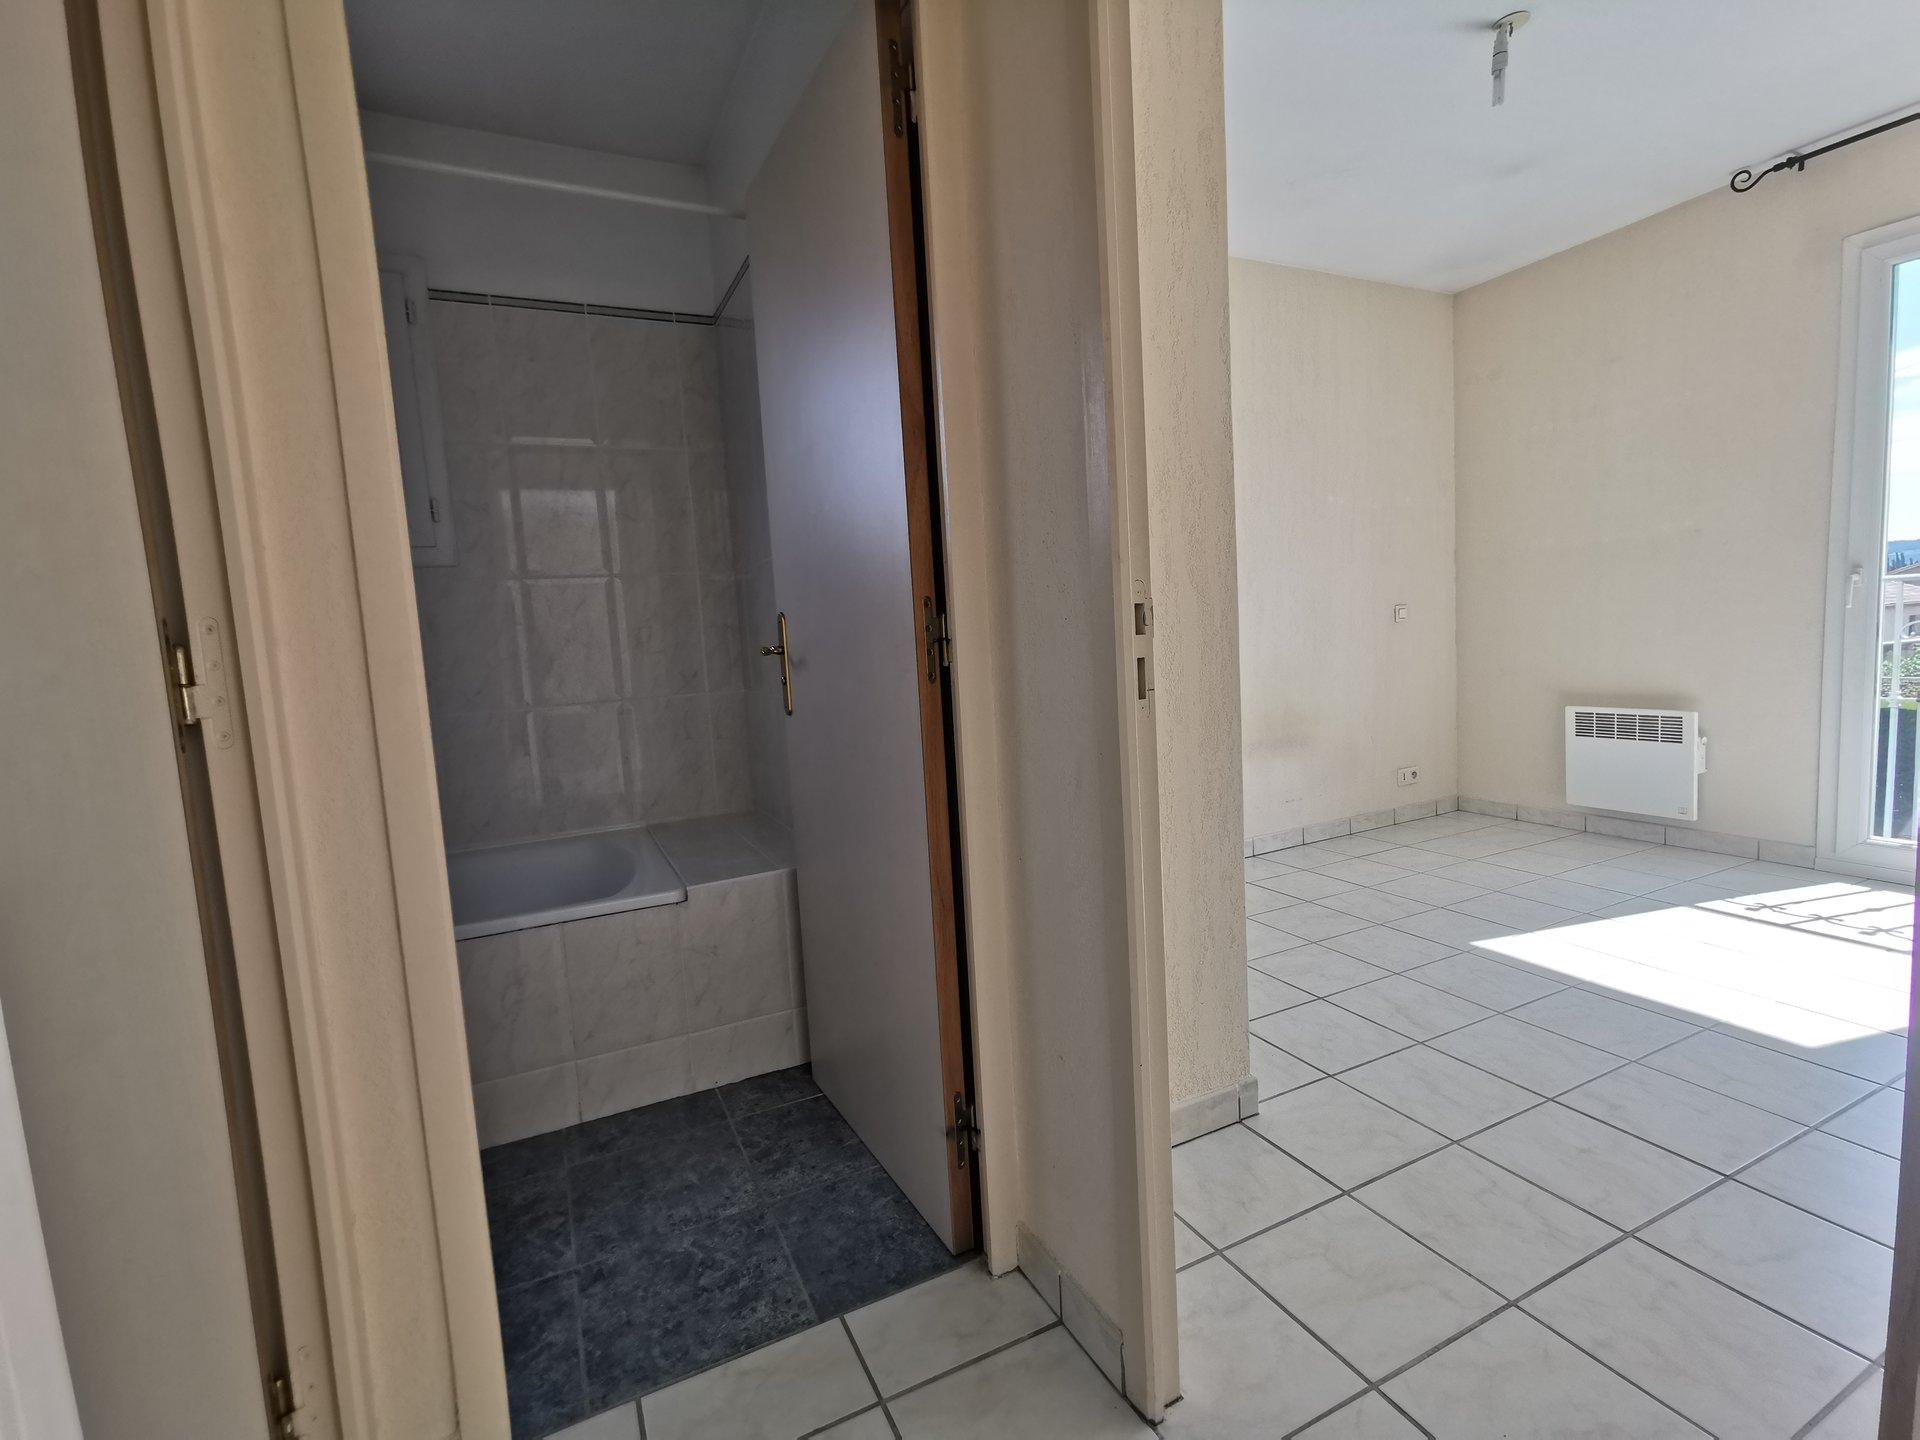 Appartement T2 dans résidence sécurisée.